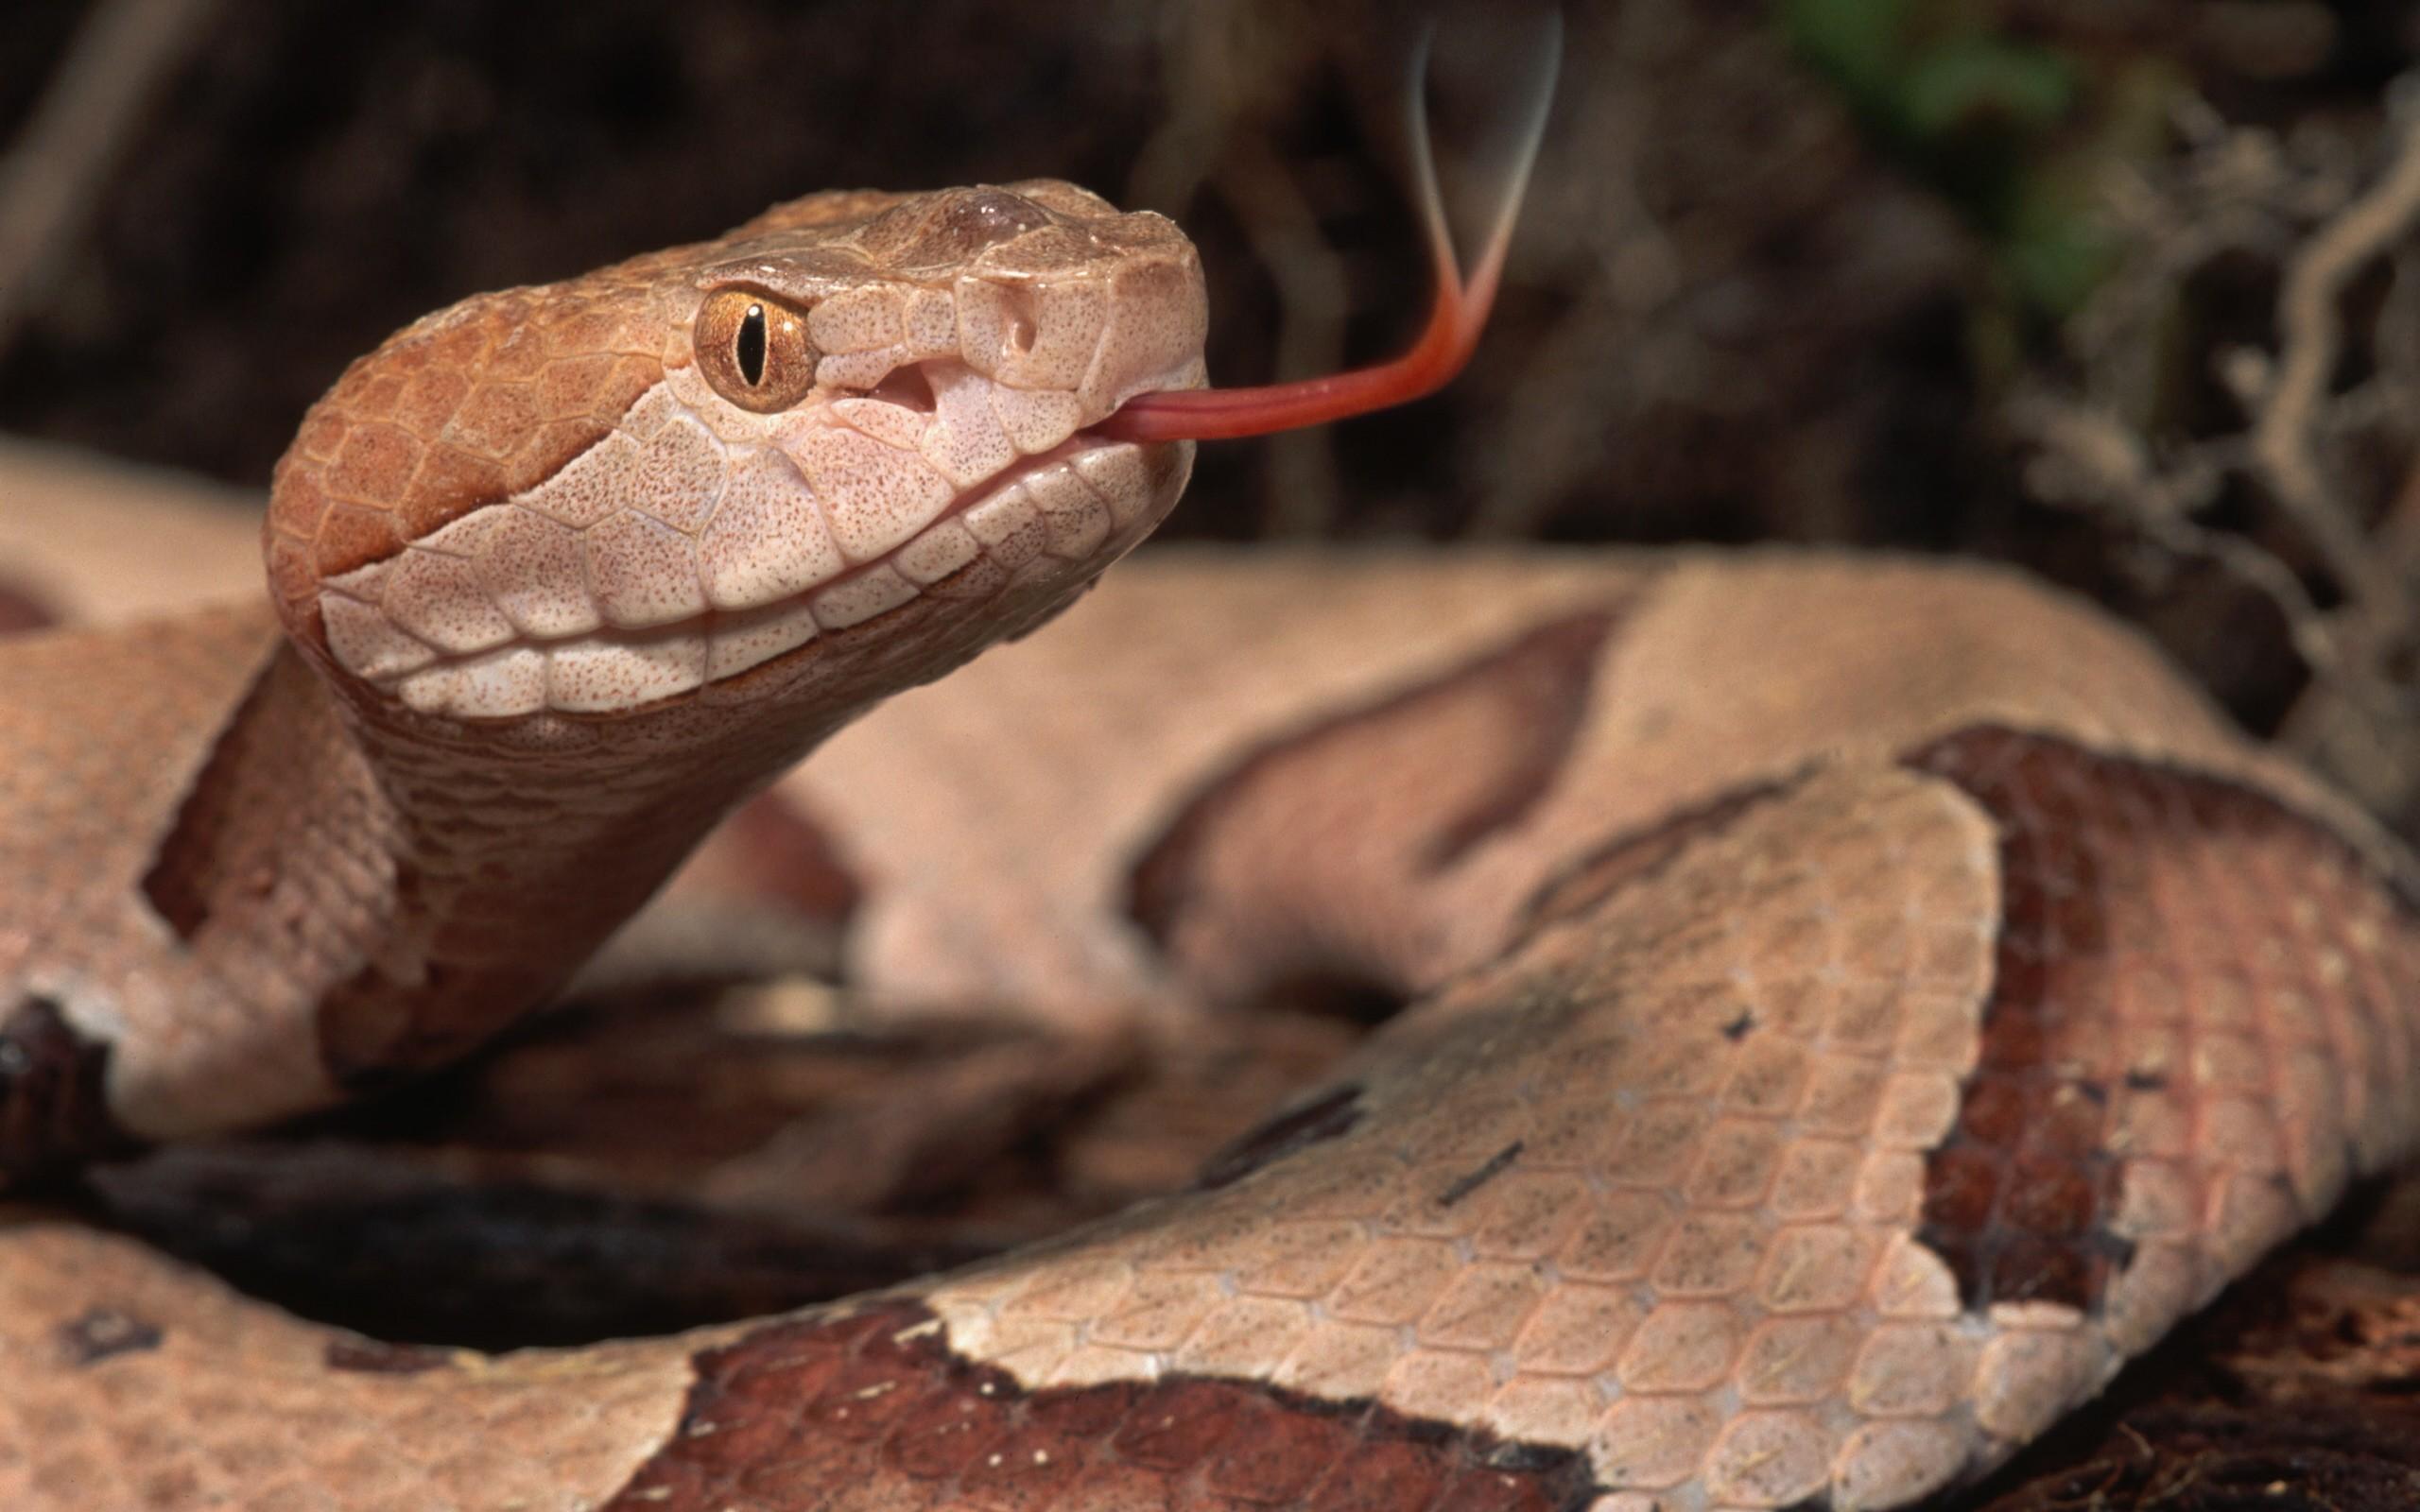 Serpiente con lengua afuera - 2560x1600